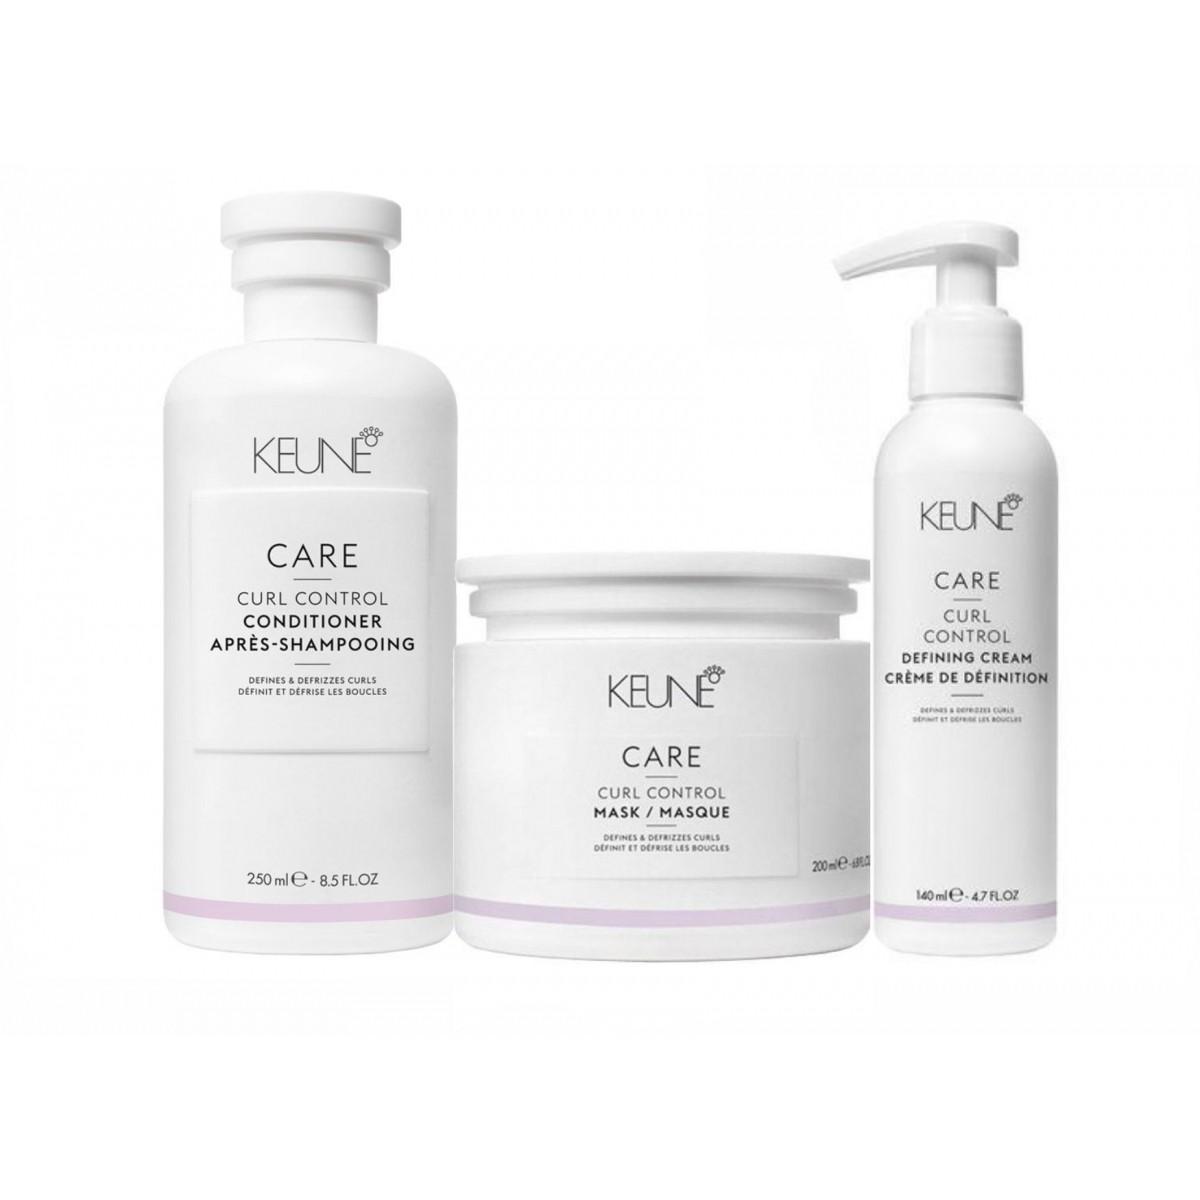 Kit Keune Curl Control